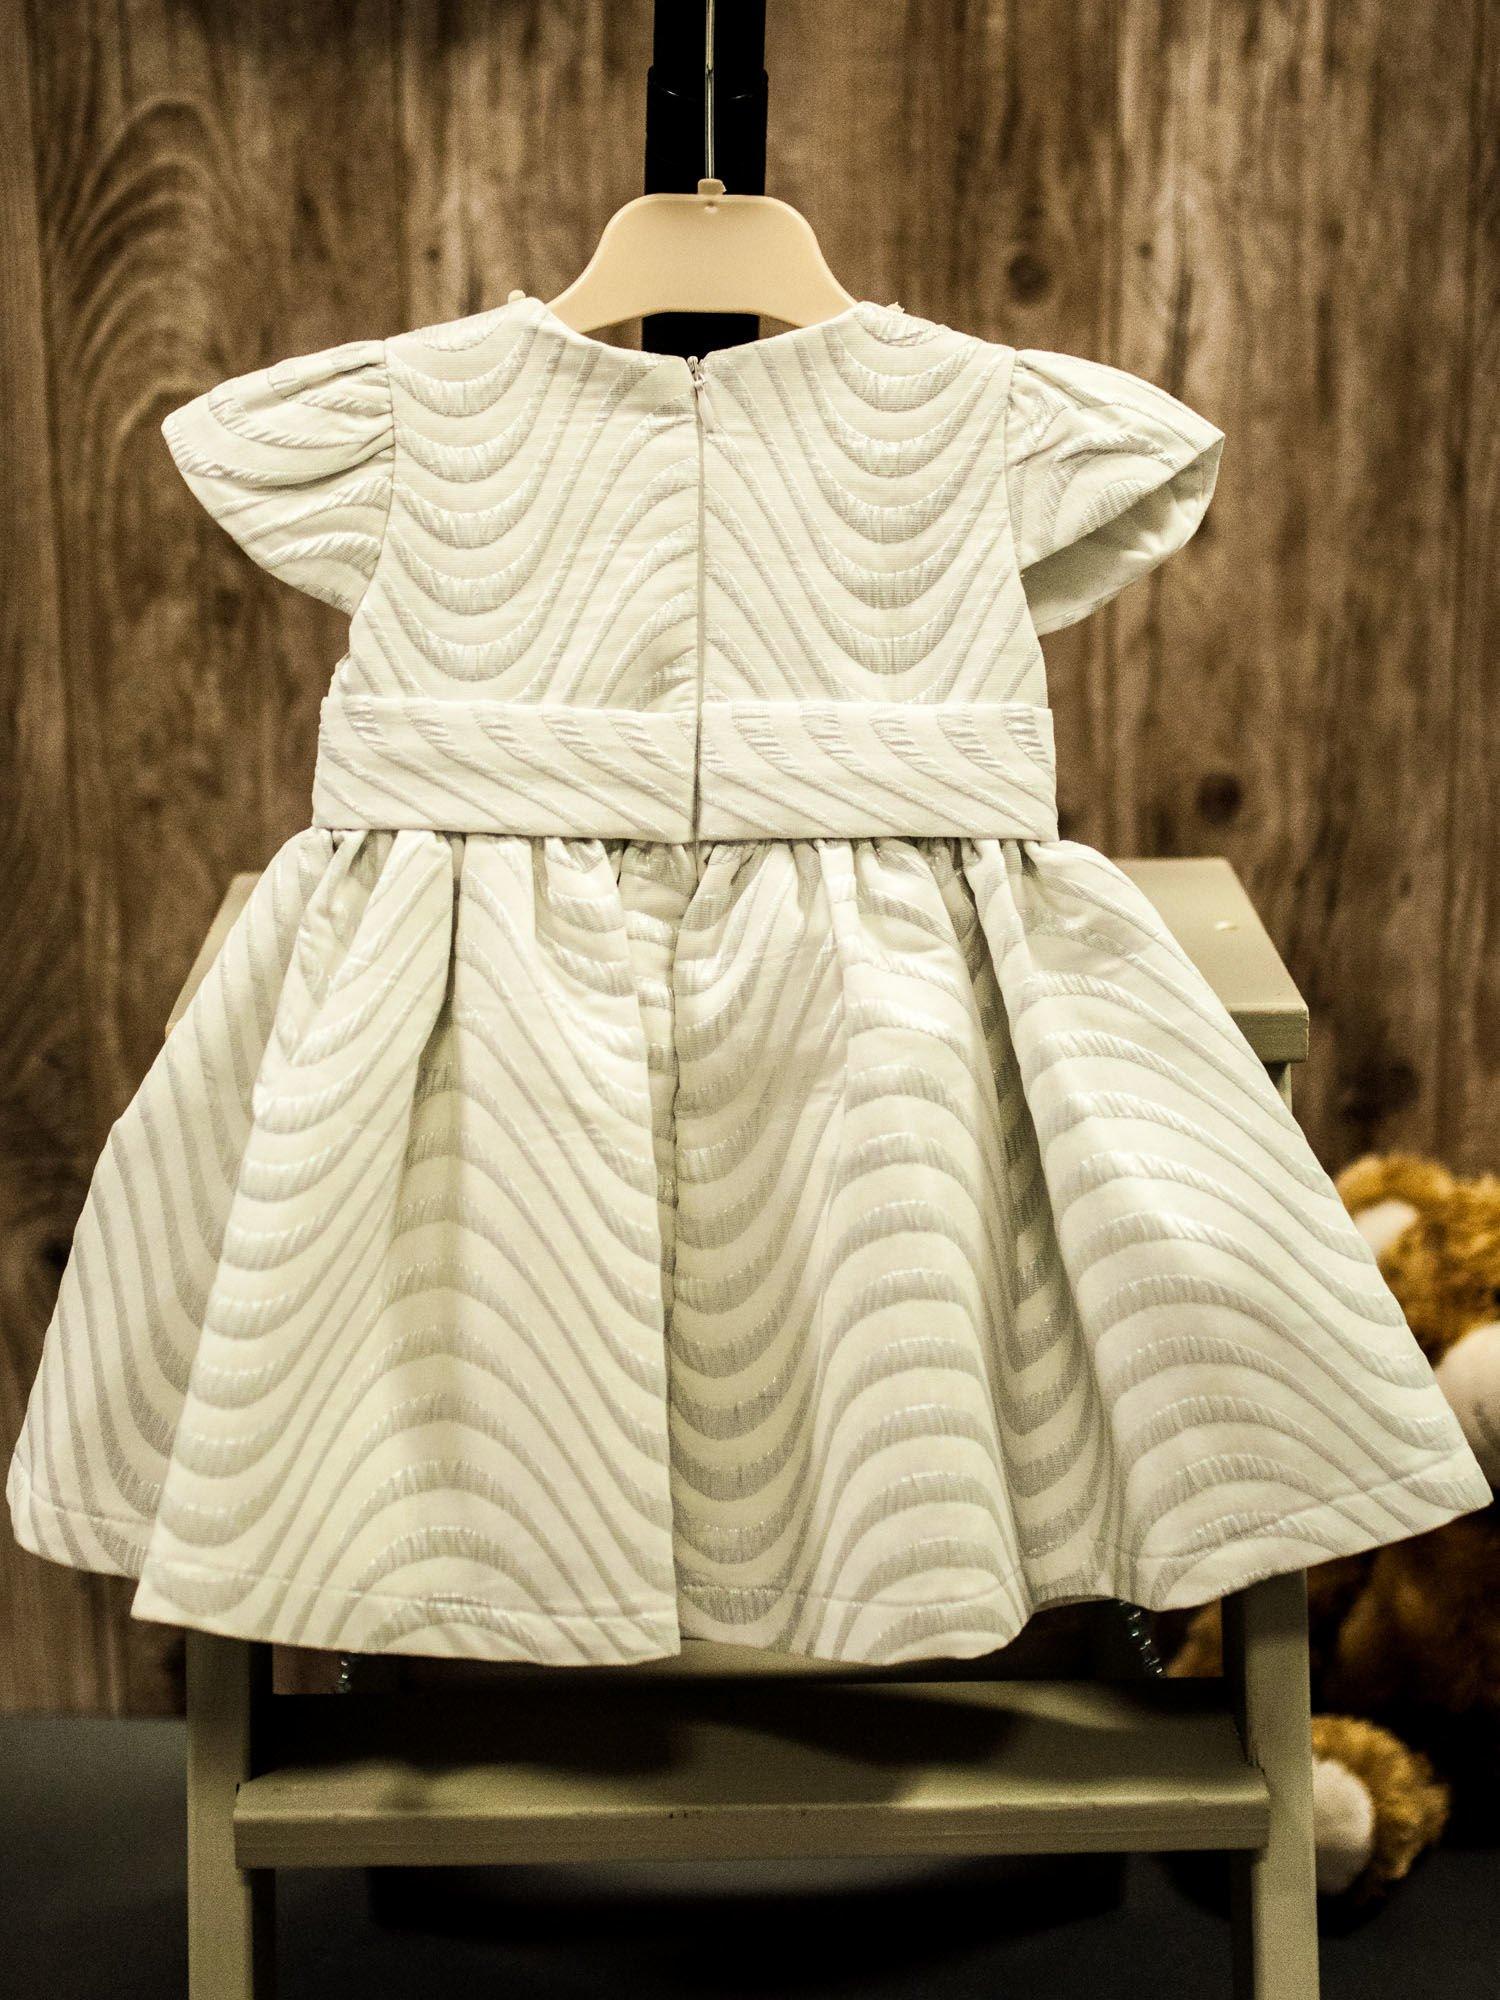 42bceee189 Biało-szara wizytowa sukienka dziewczęca z opaską - Dziecko ...